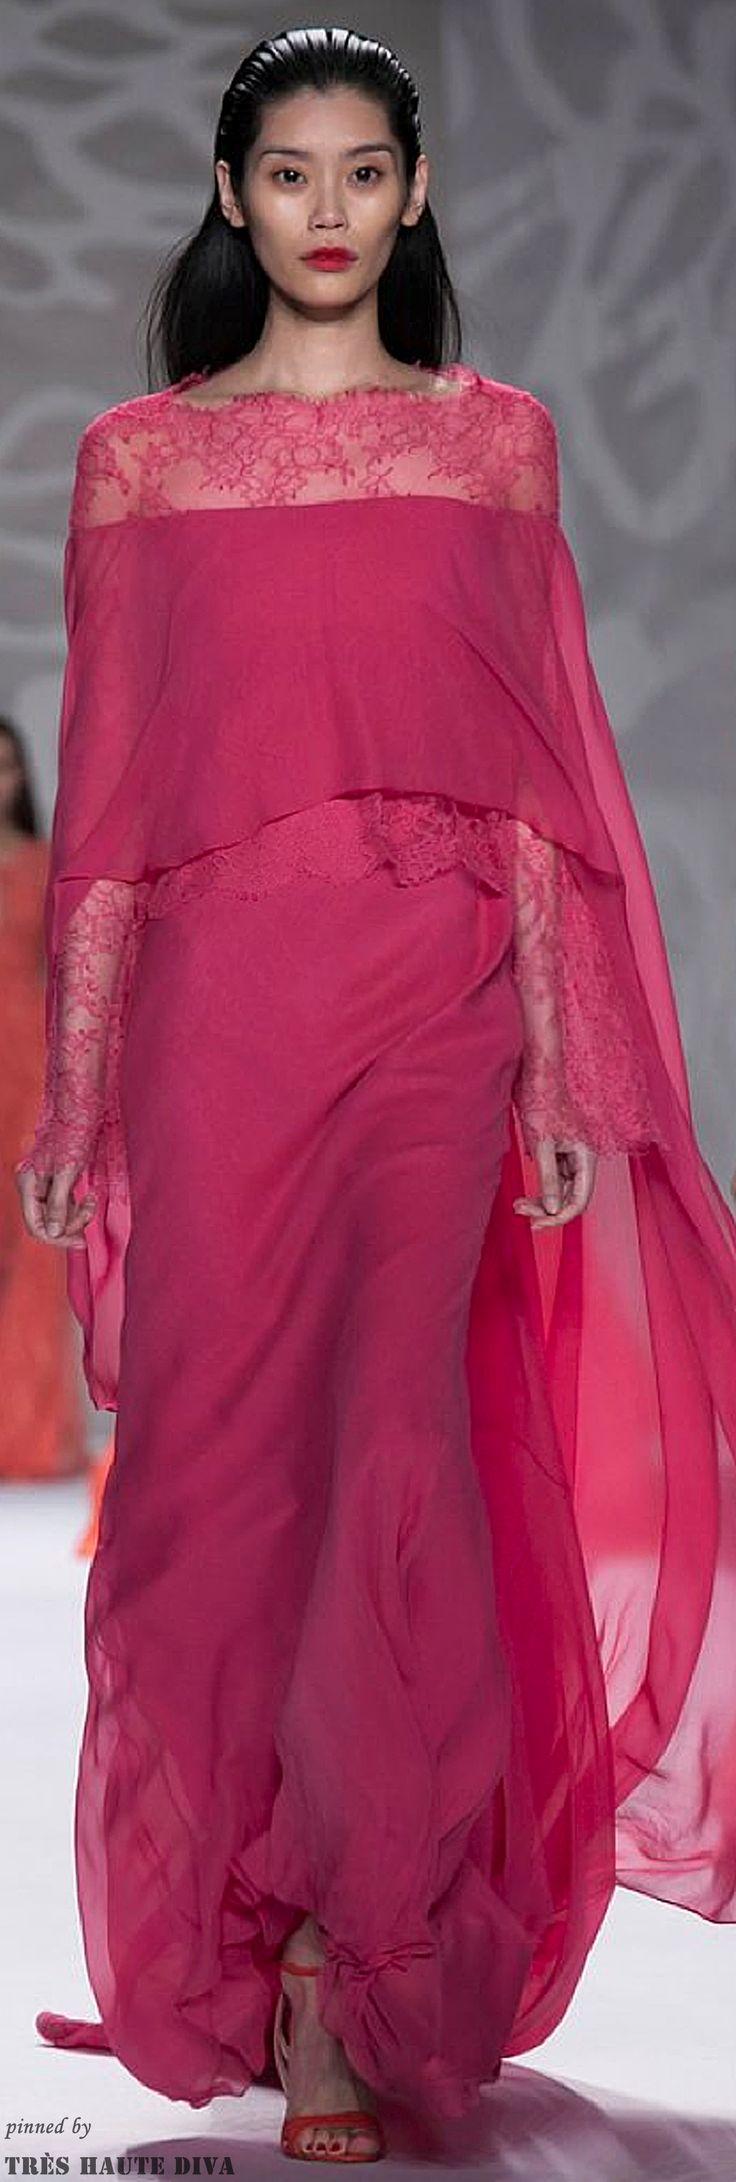 Mejores 156 imágenes de MONIQUE LHUILLIER - Diseñadora de moda ...